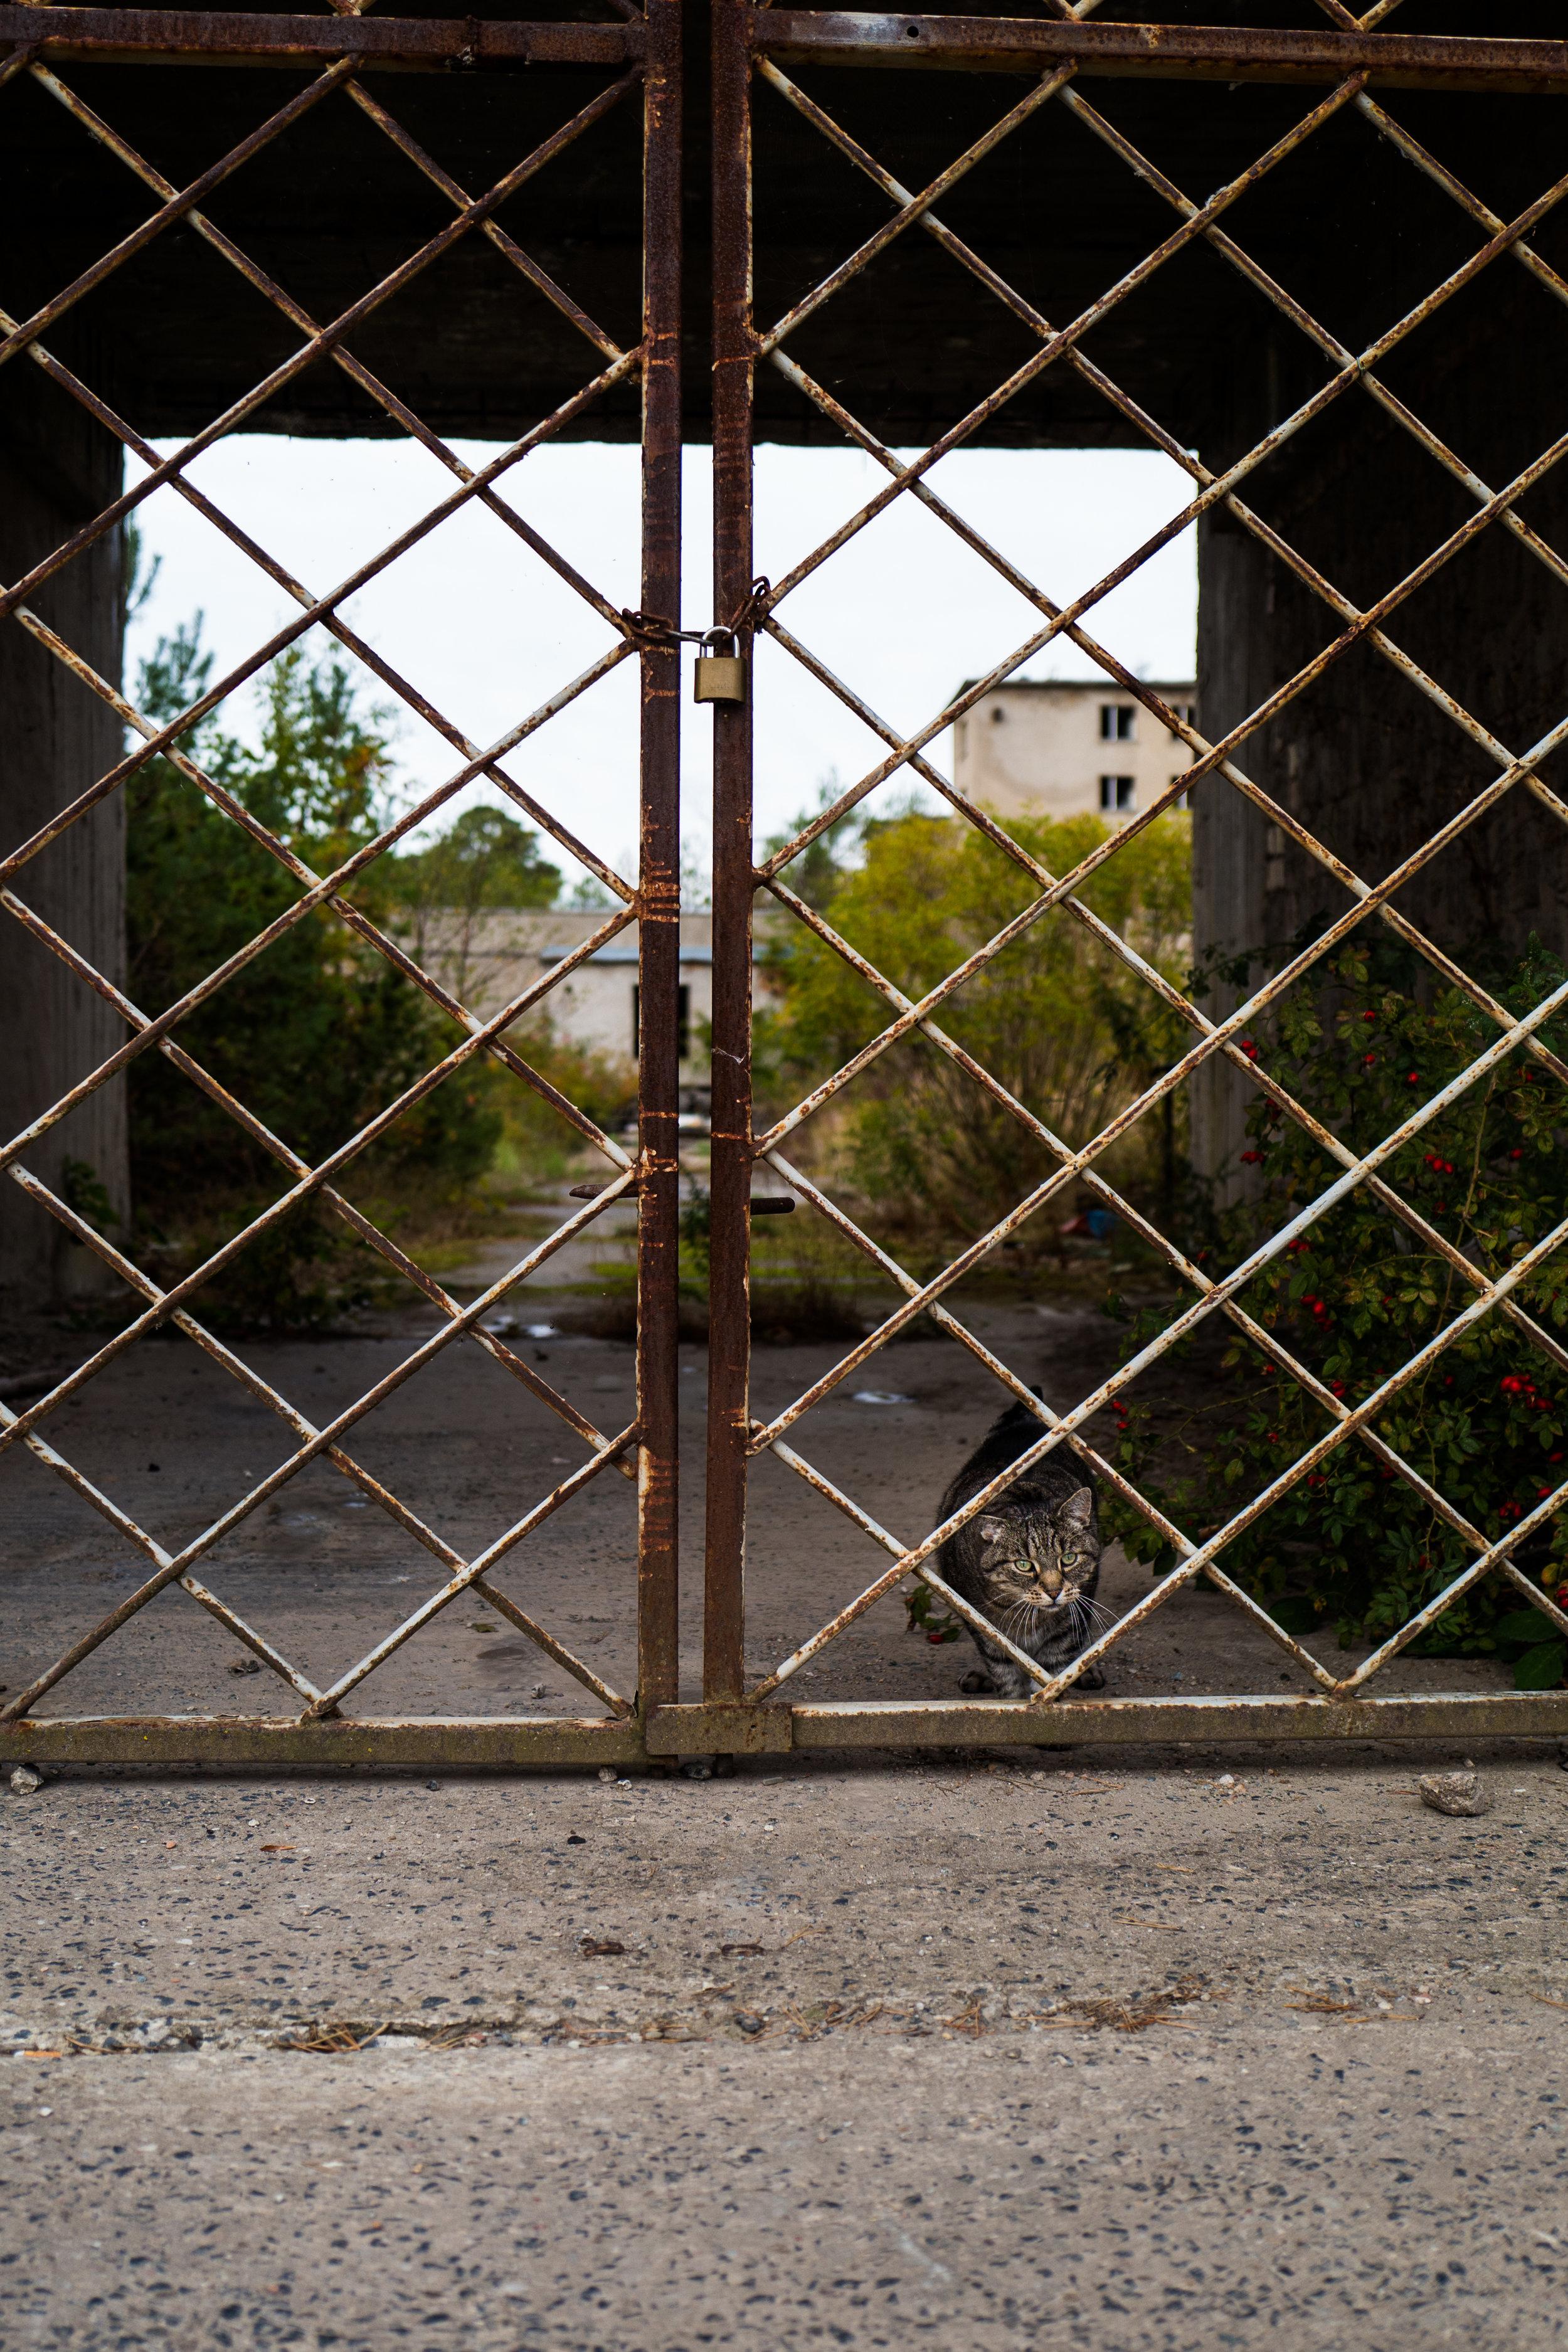 19/33 - Im Gegensatz zu mir kommt die Katze am Tor vorbei.